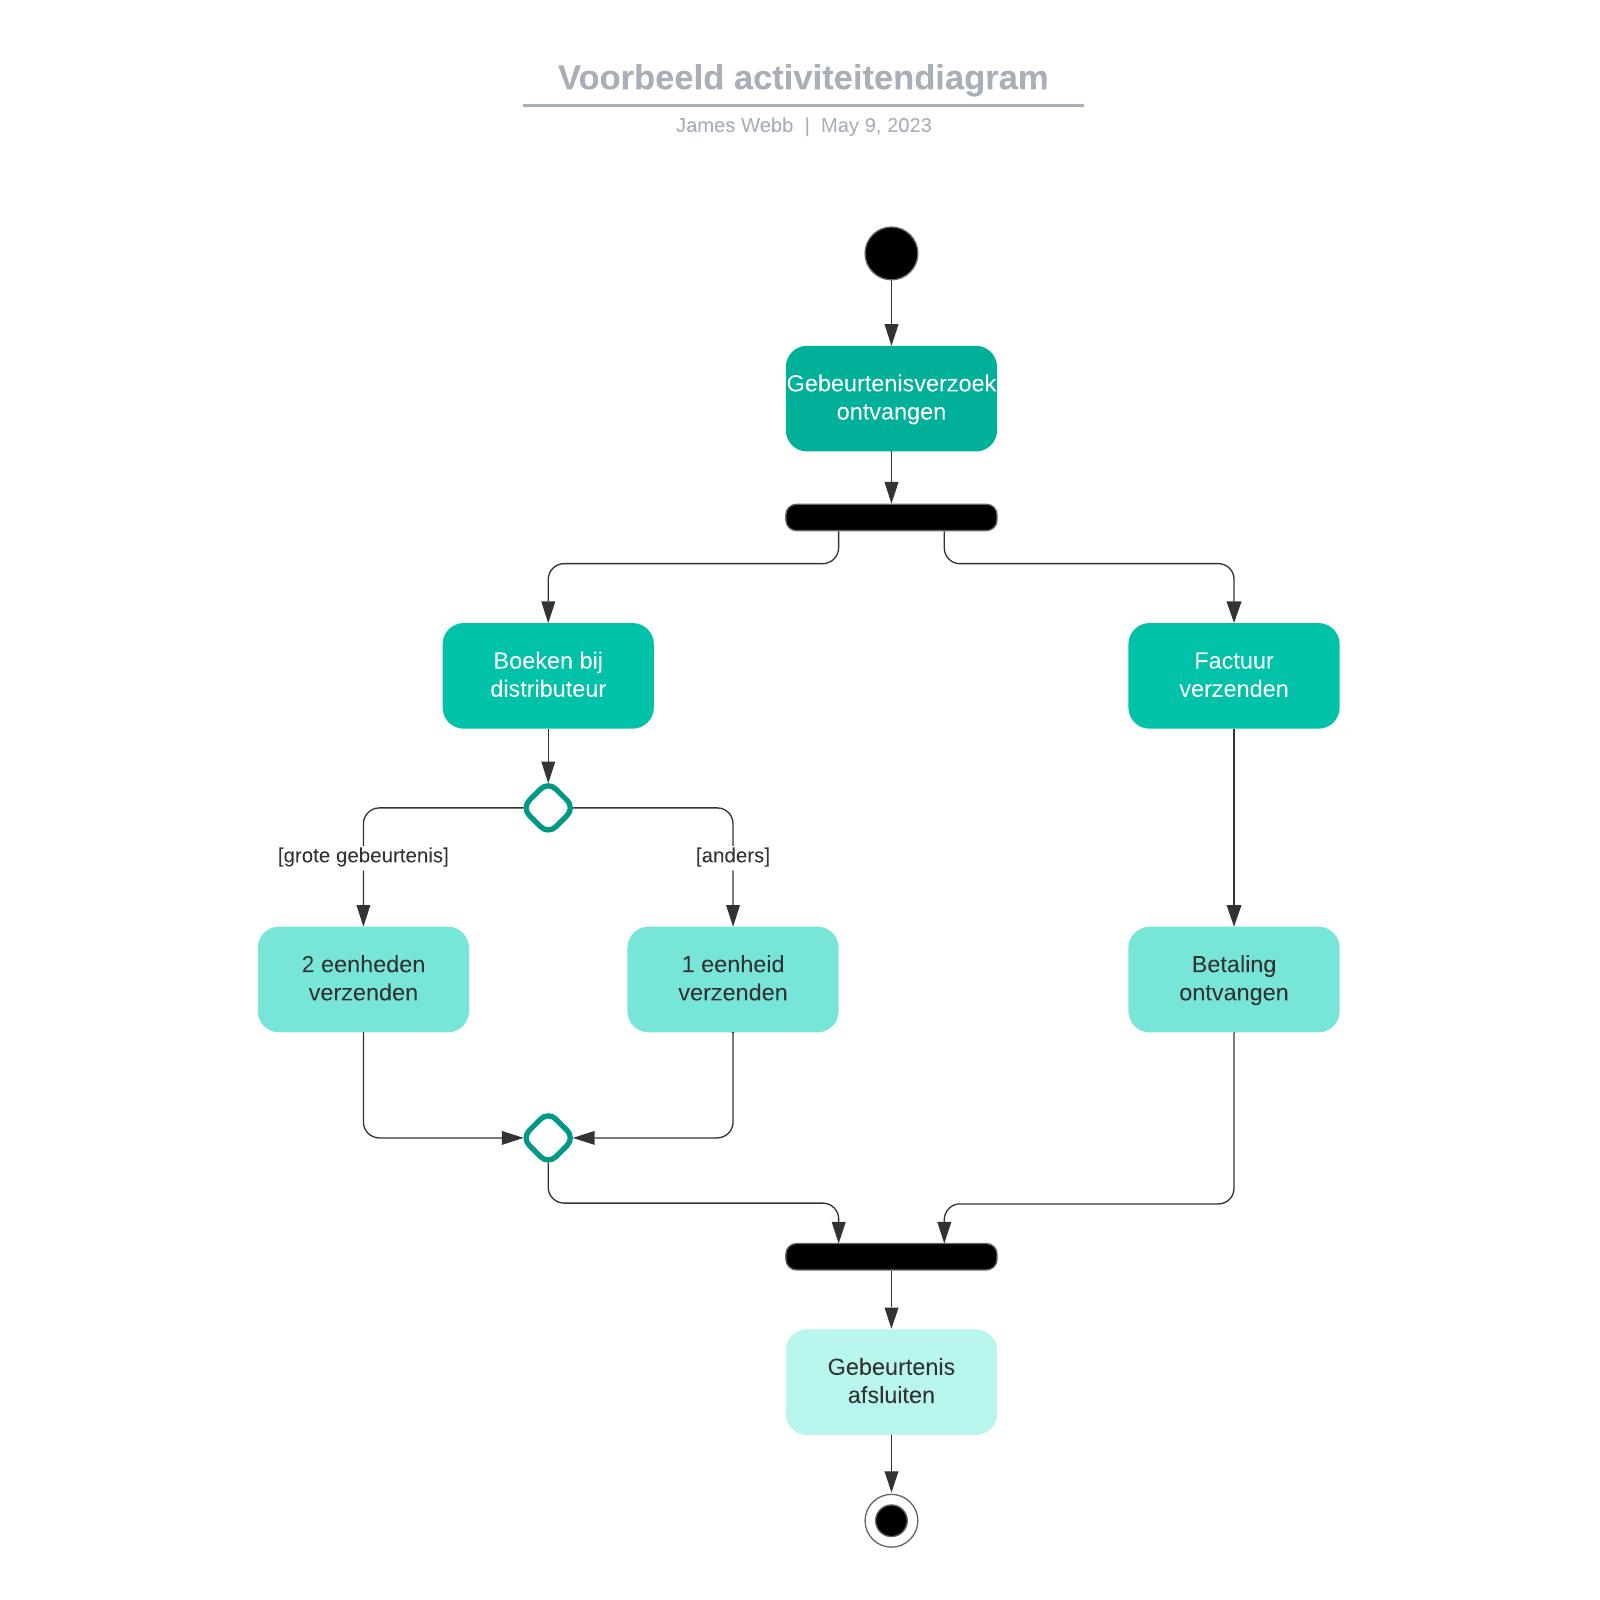 Voorbeeld activiteitendiagram